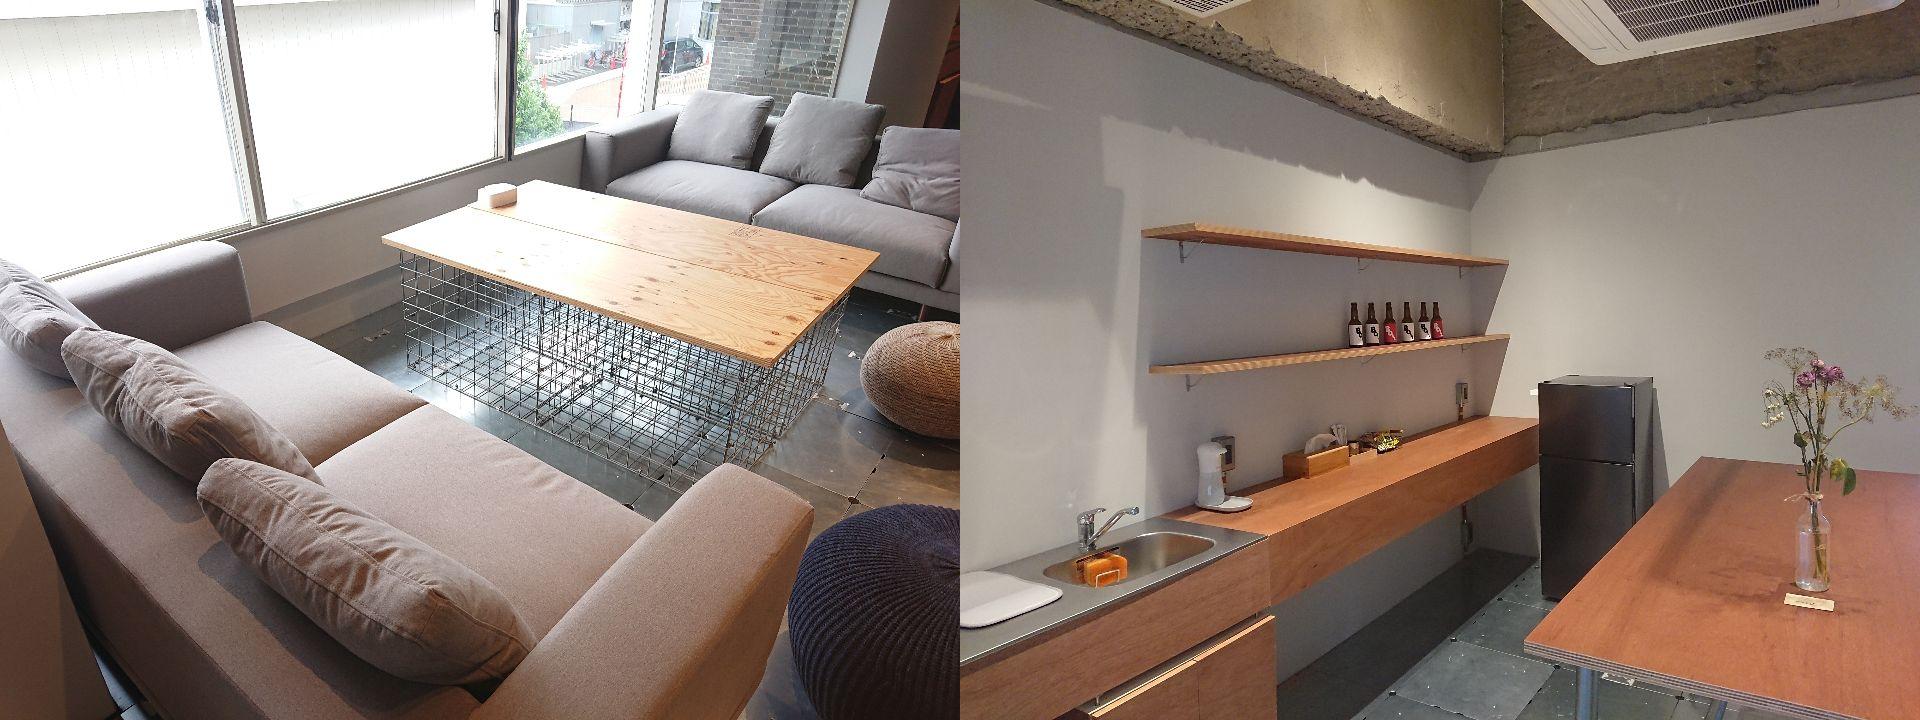 左:ソファー席 右:台所と冷蔵庫スペース